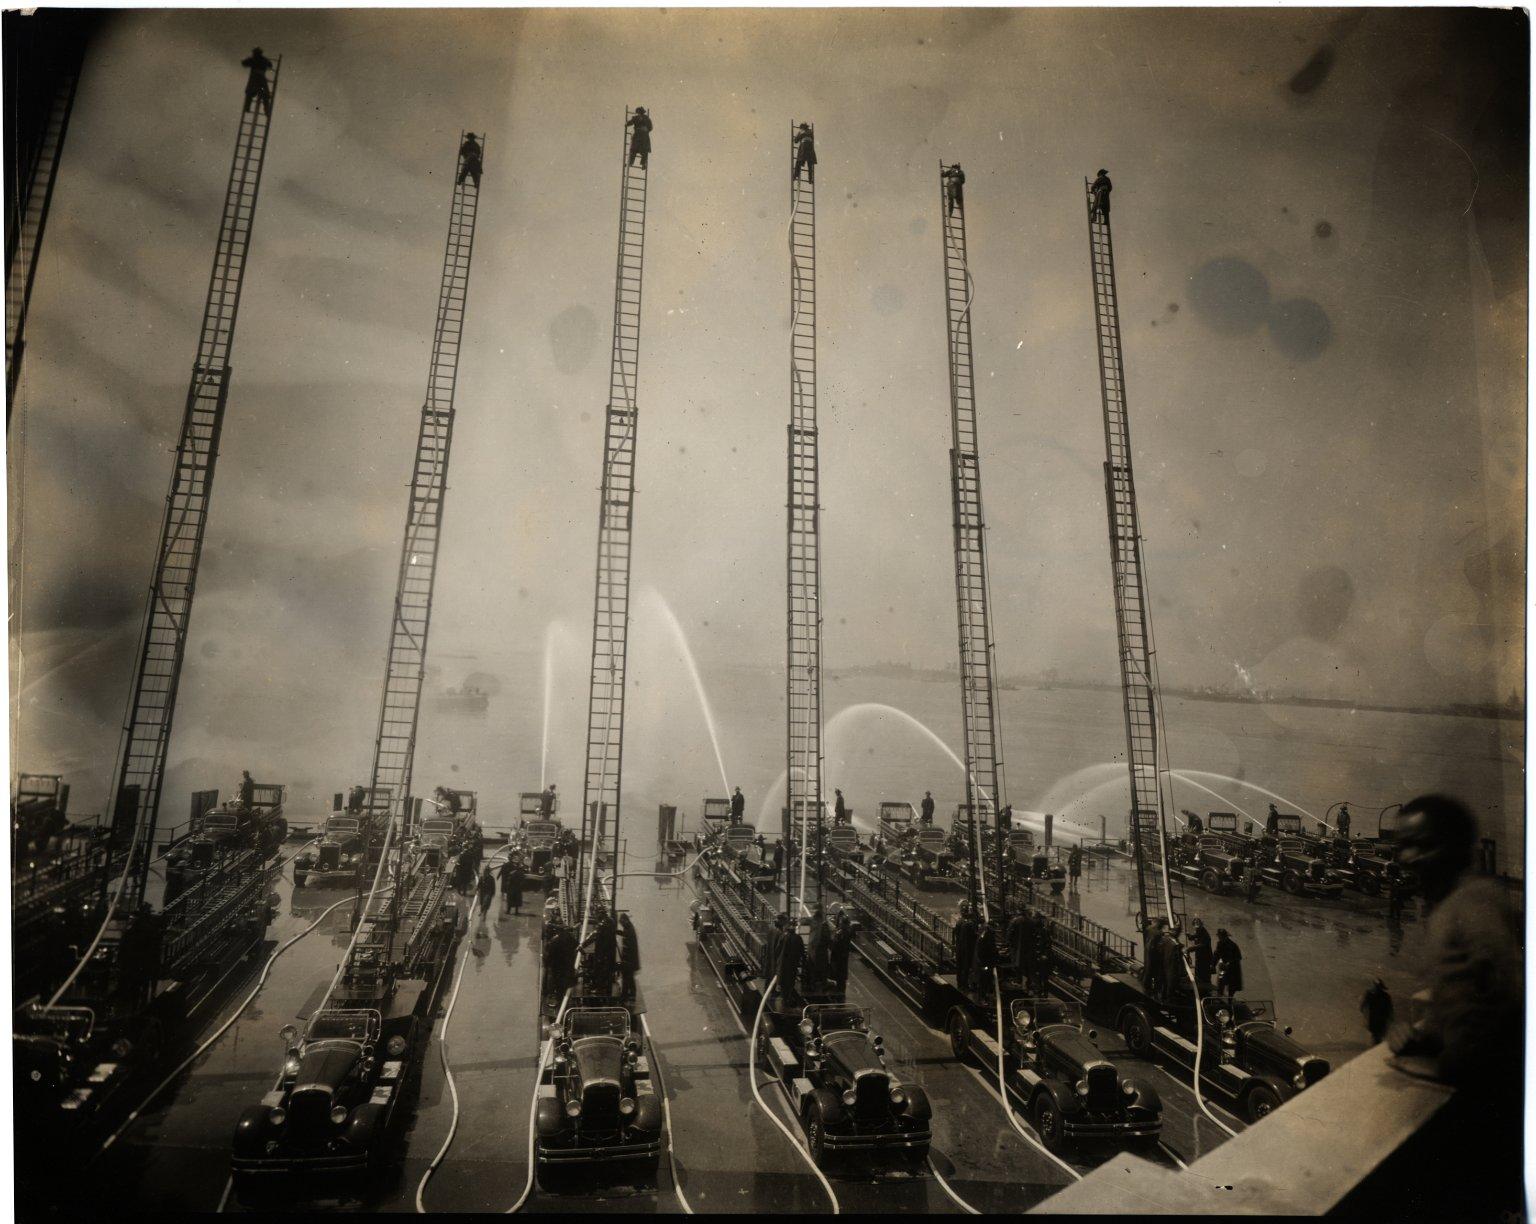 Испытания новой пожарной техники. Нью-Йорк, США. 1937 год